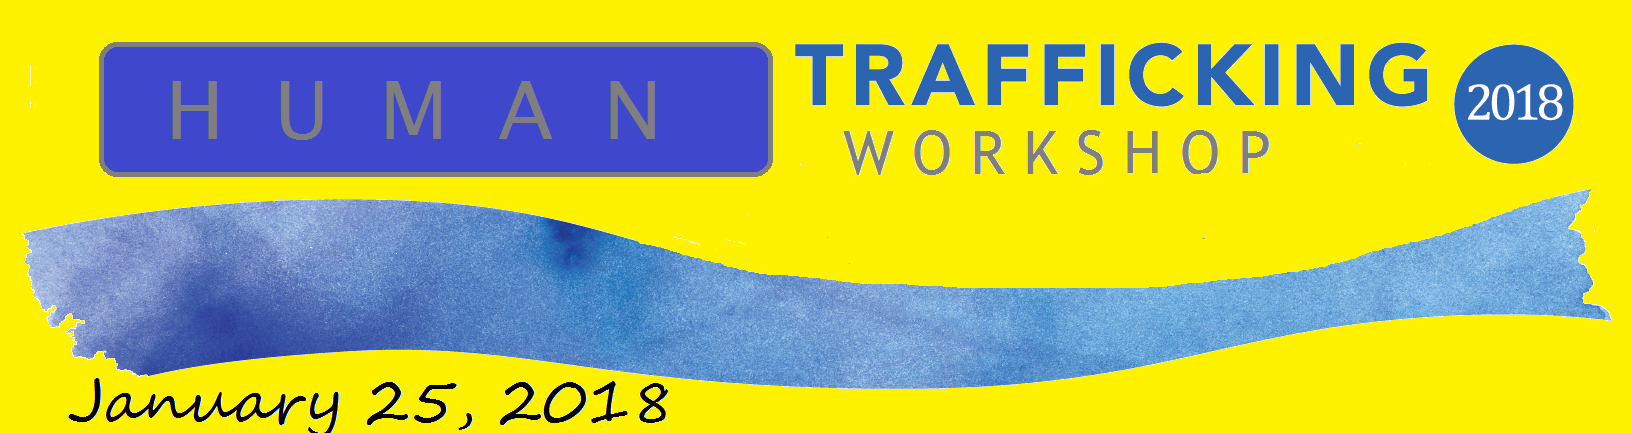 Human Trafficking Workshop.png